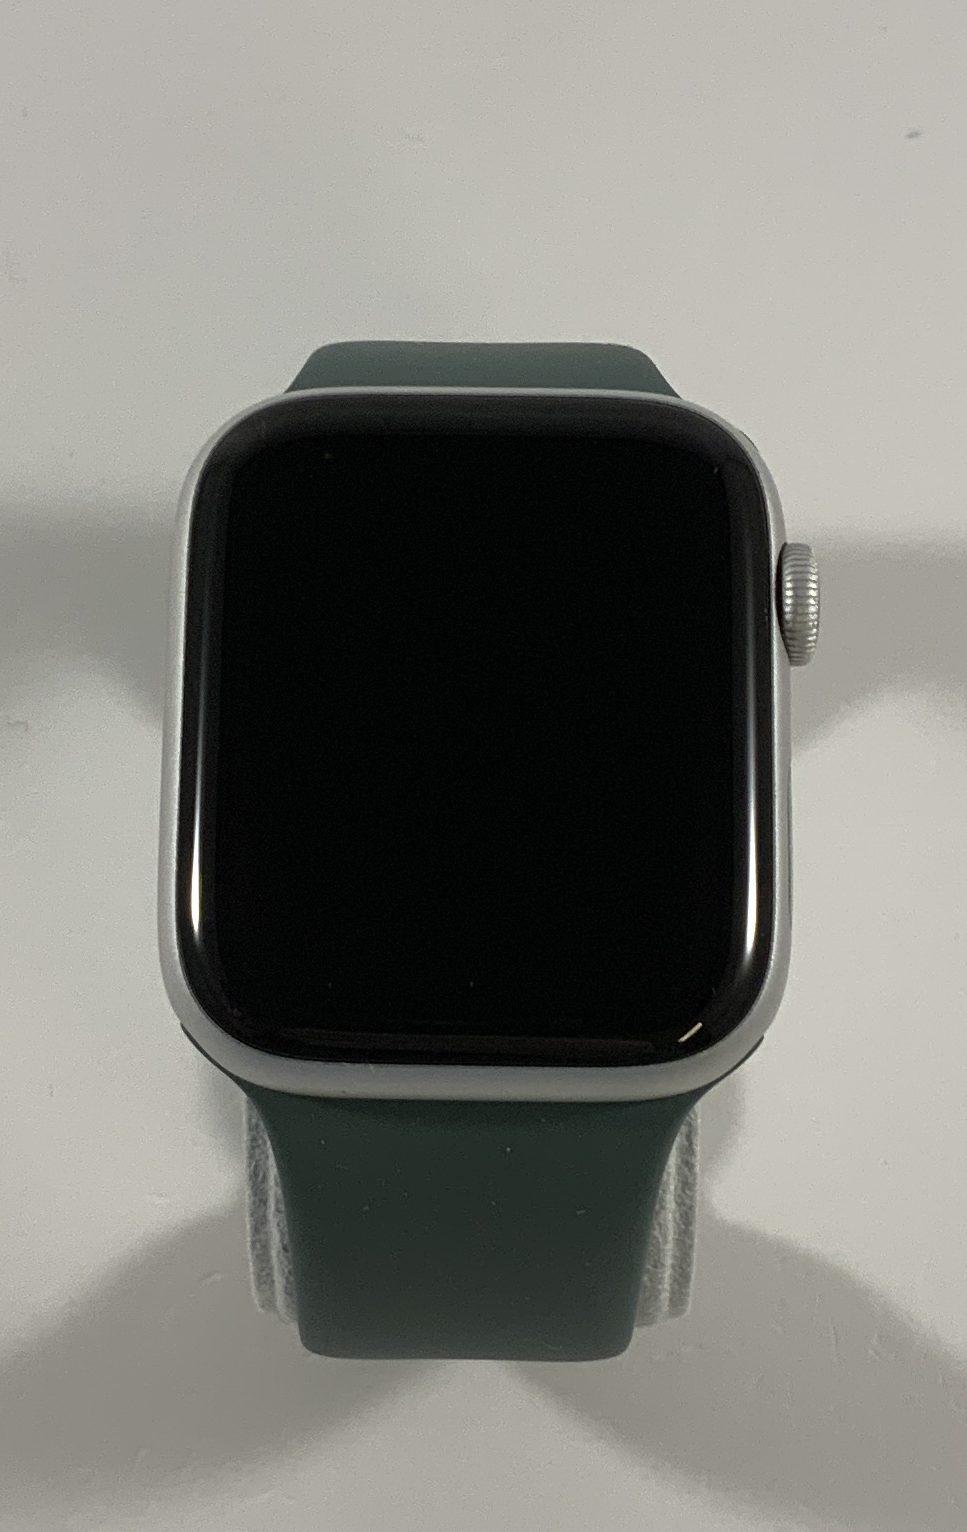 Watch Series 5 Aluminum Cellular (44mm), Silver, imagen 1